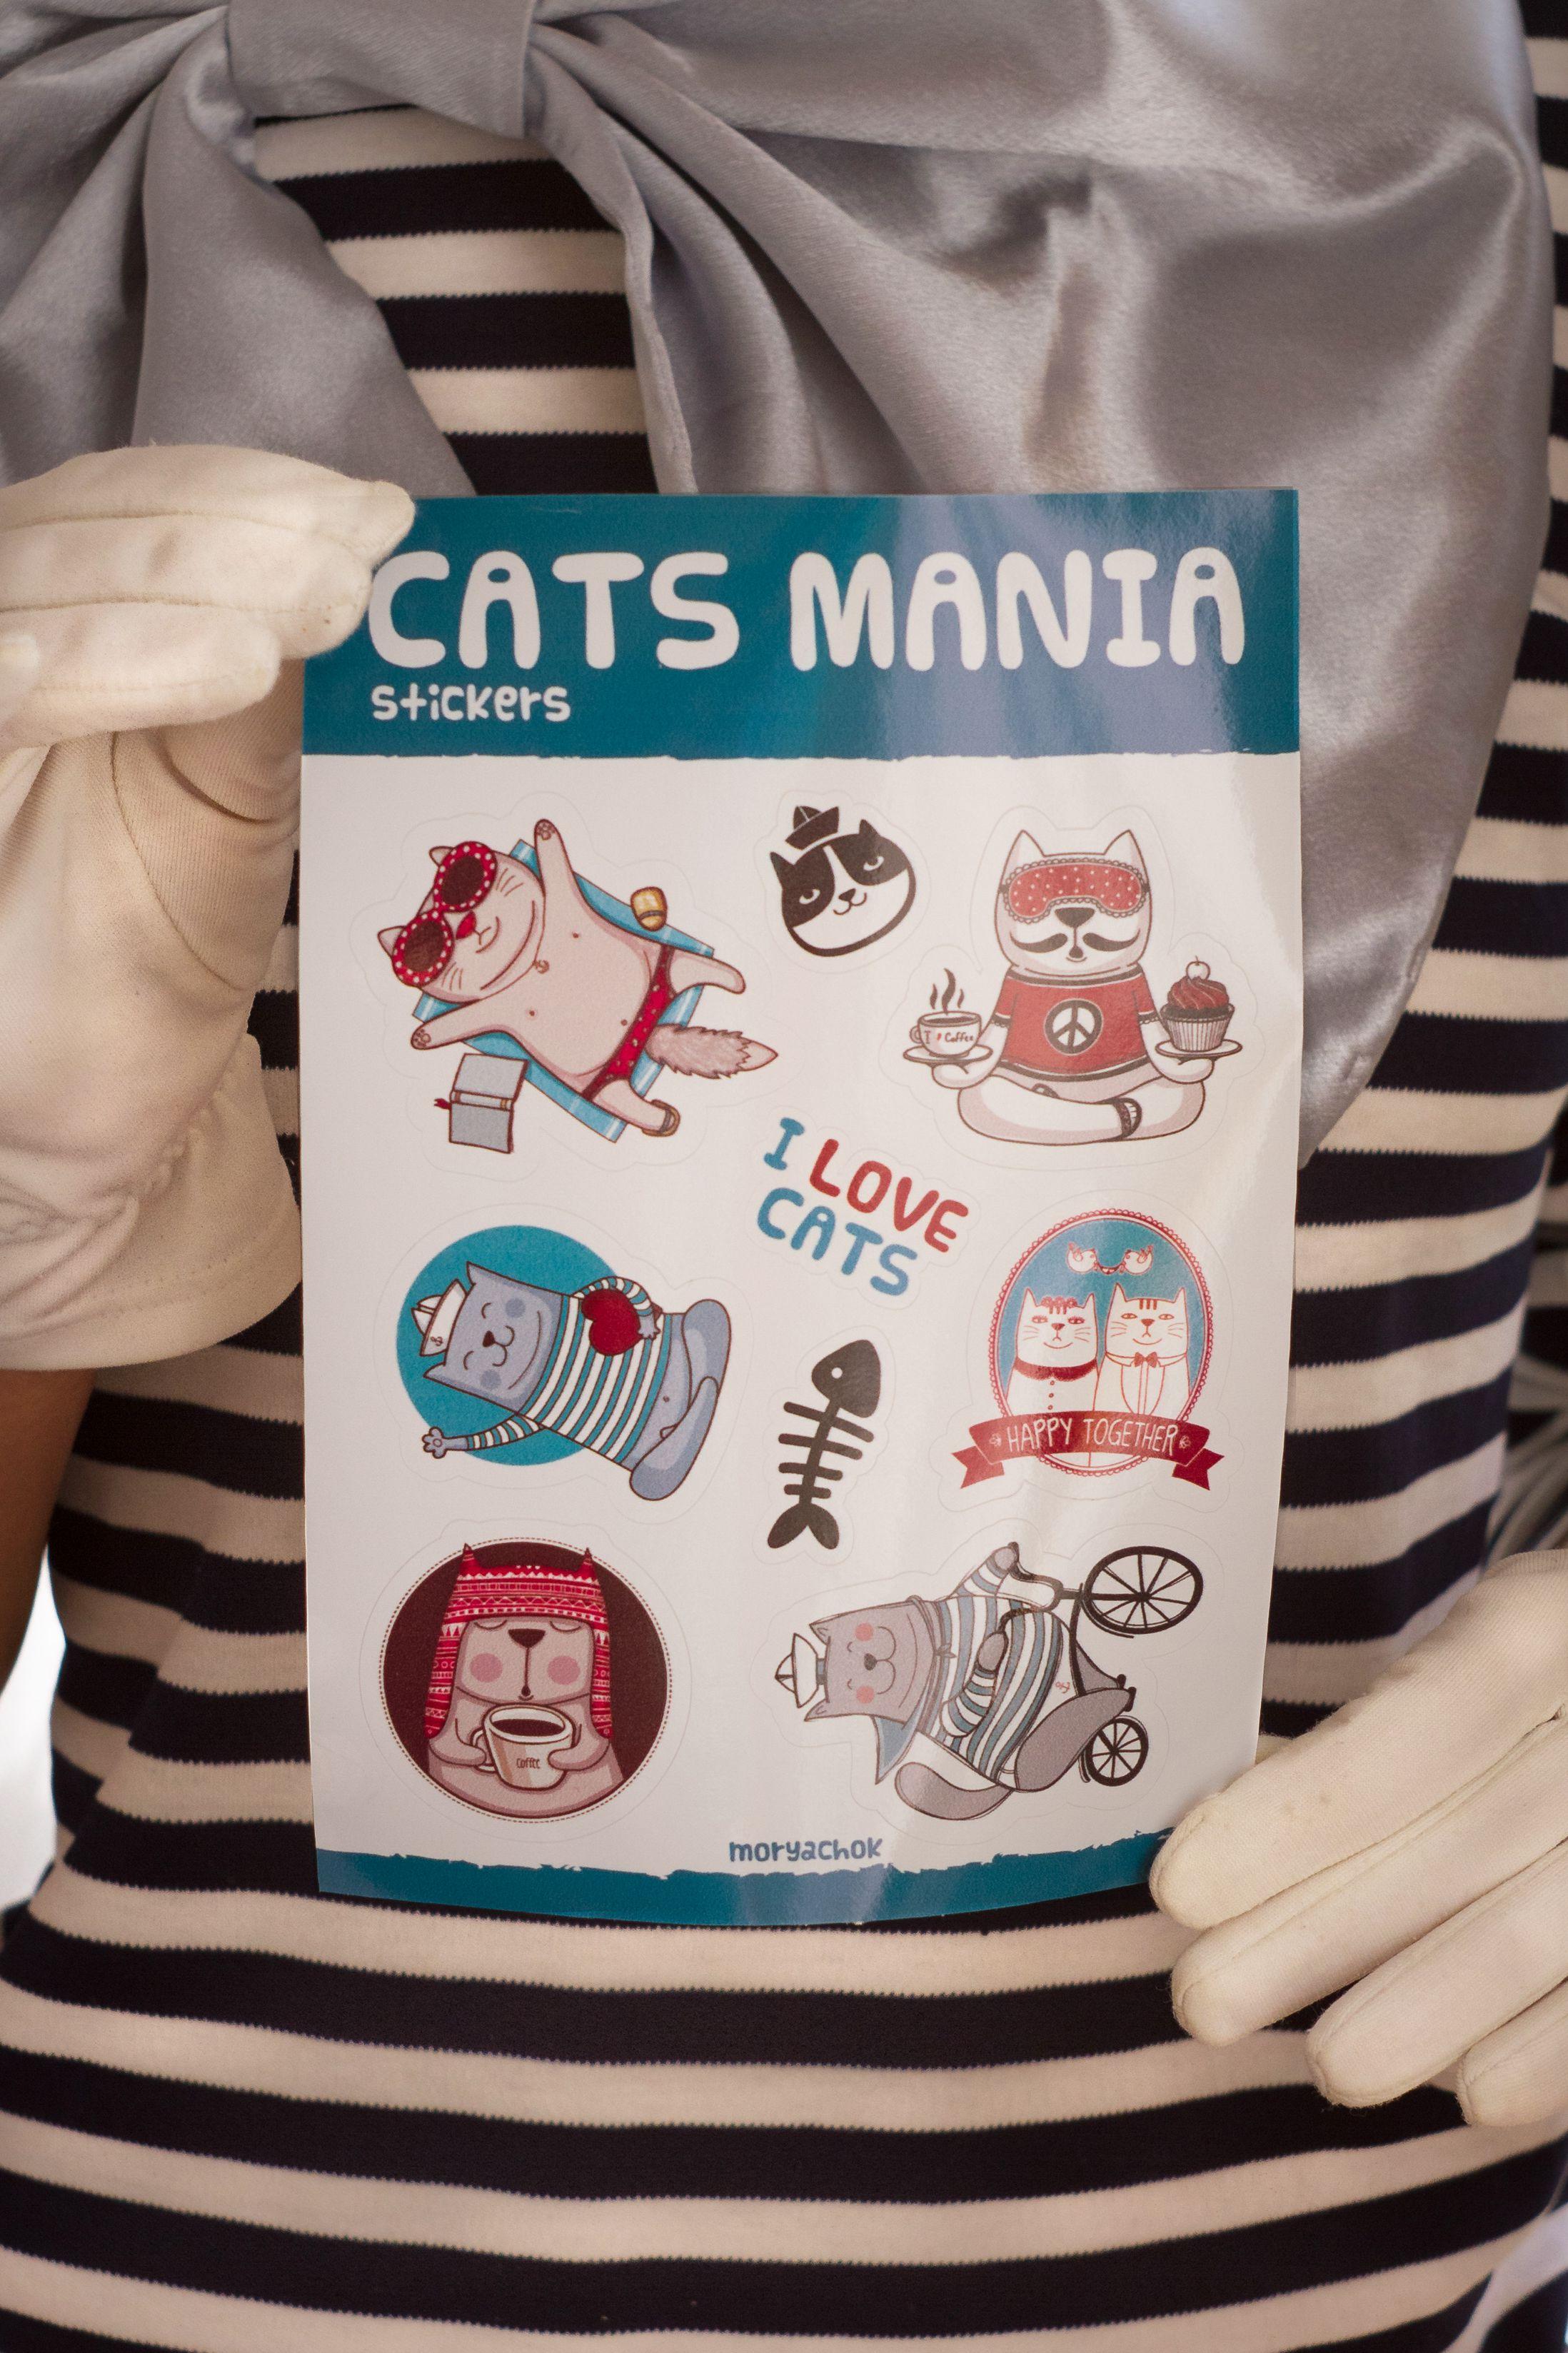 знаквнимания gift сюрприз surprise стикеры наклейки подарок